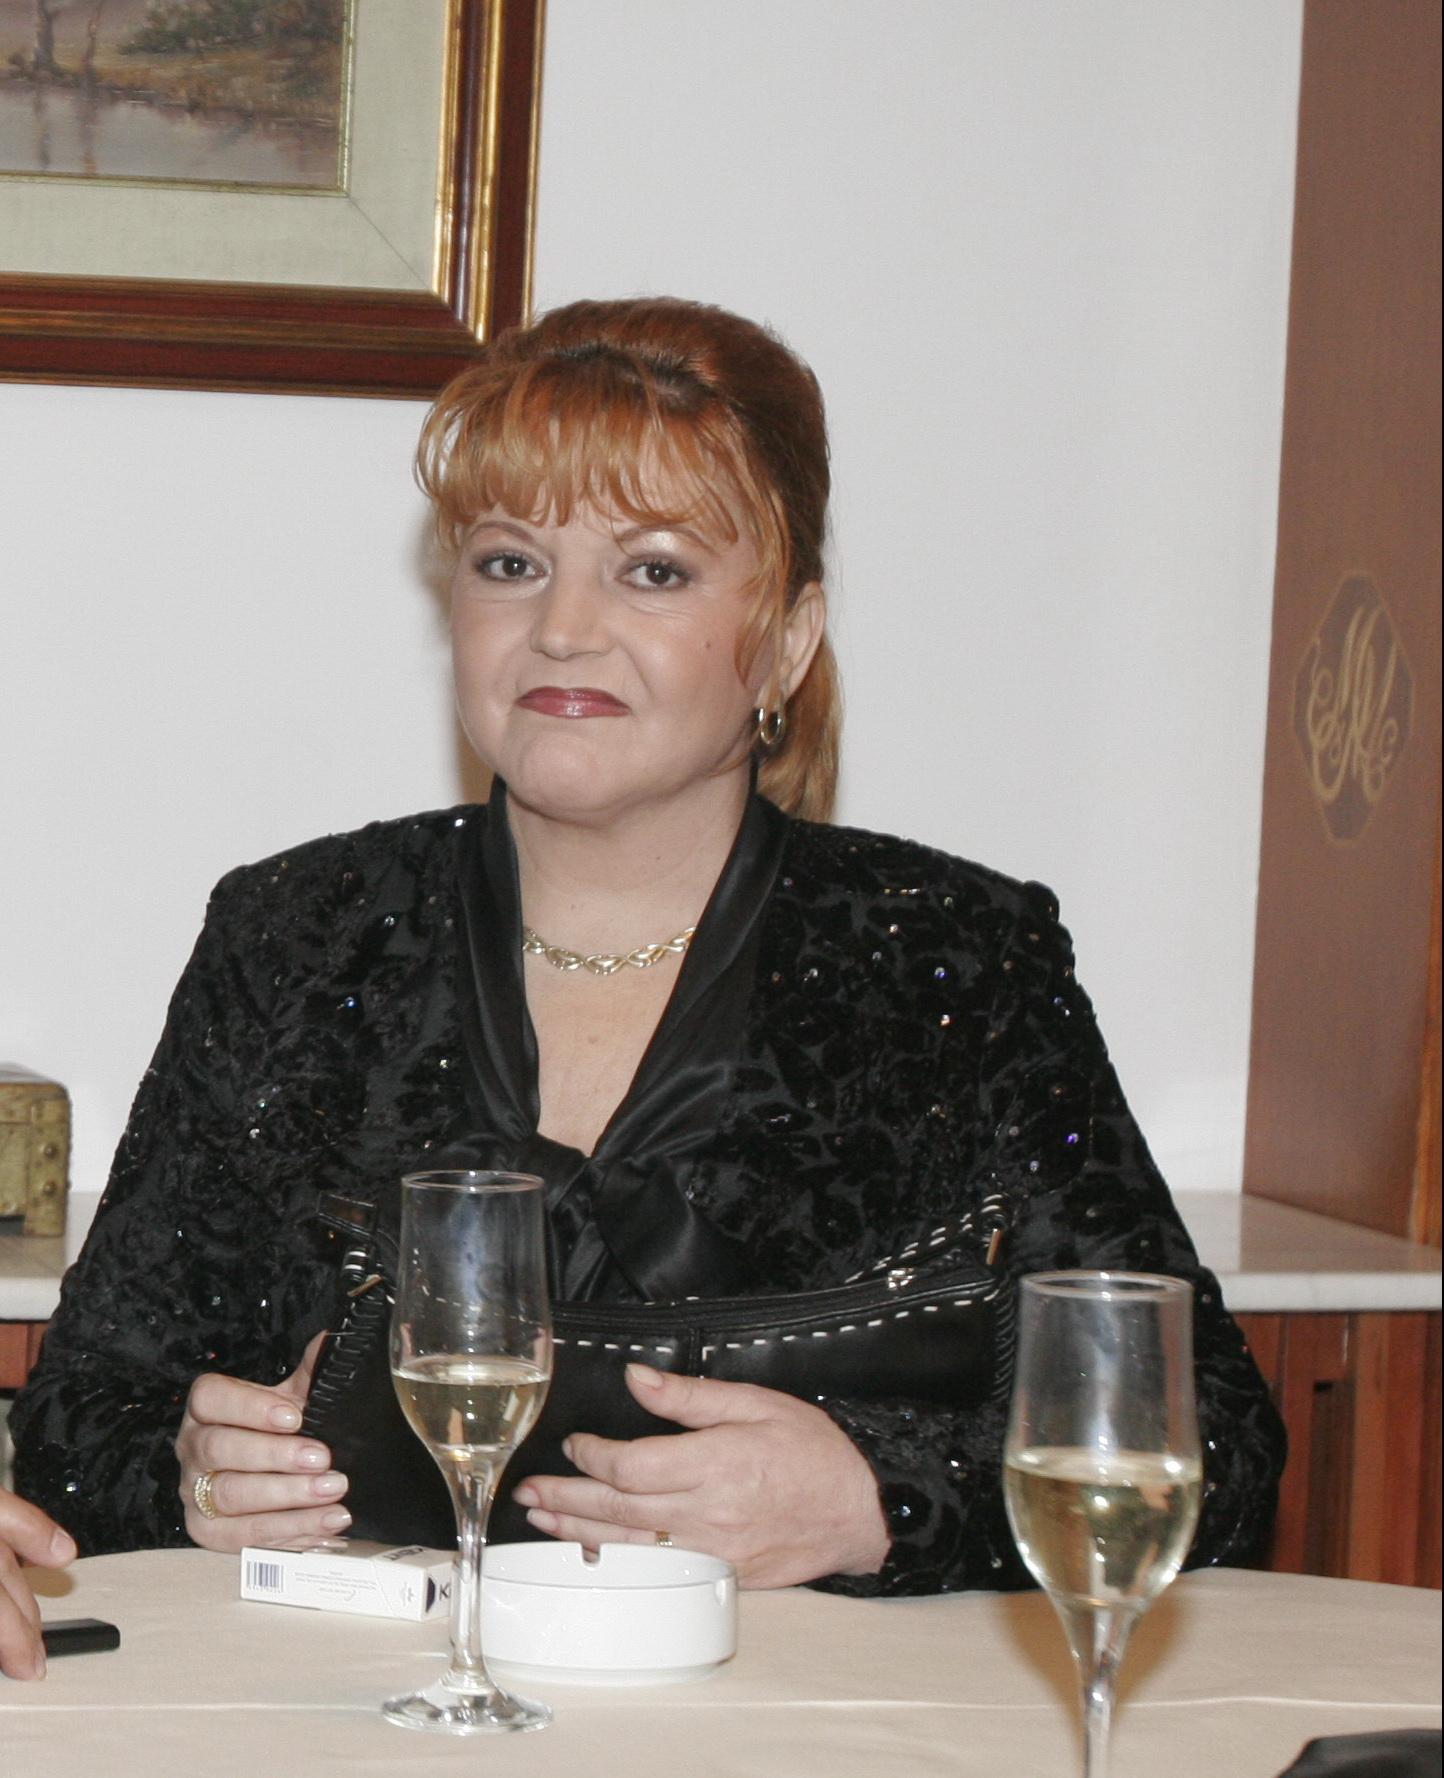 Una dintre cele mai indragite soliste de muzica populara, Maria Craneci s-a ferit de operatiile estetice